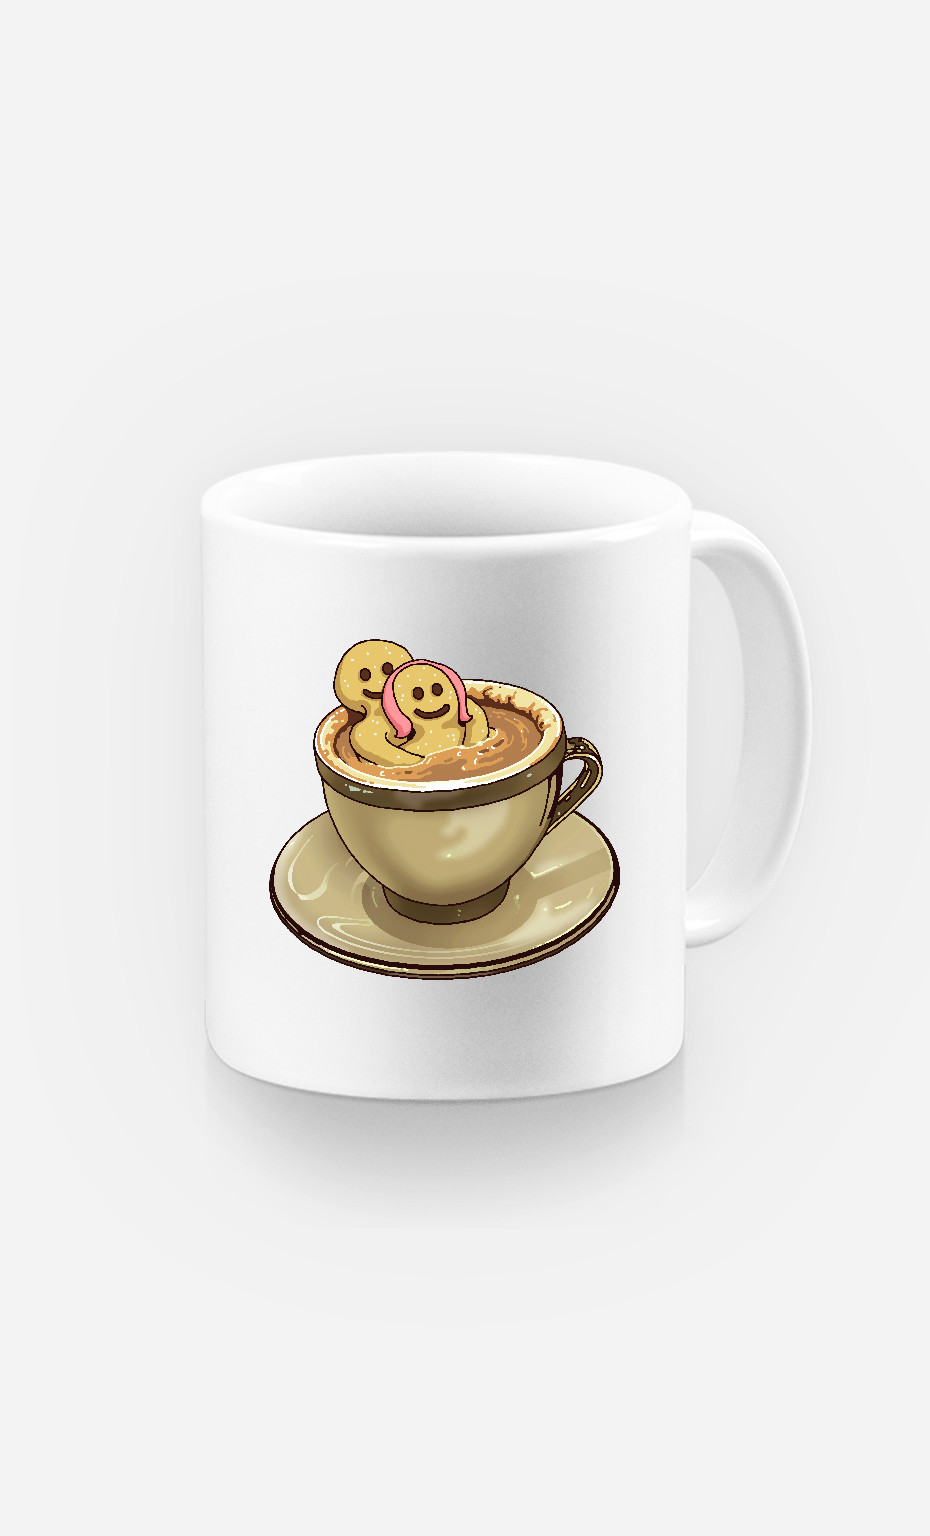 Mug Soak In Love